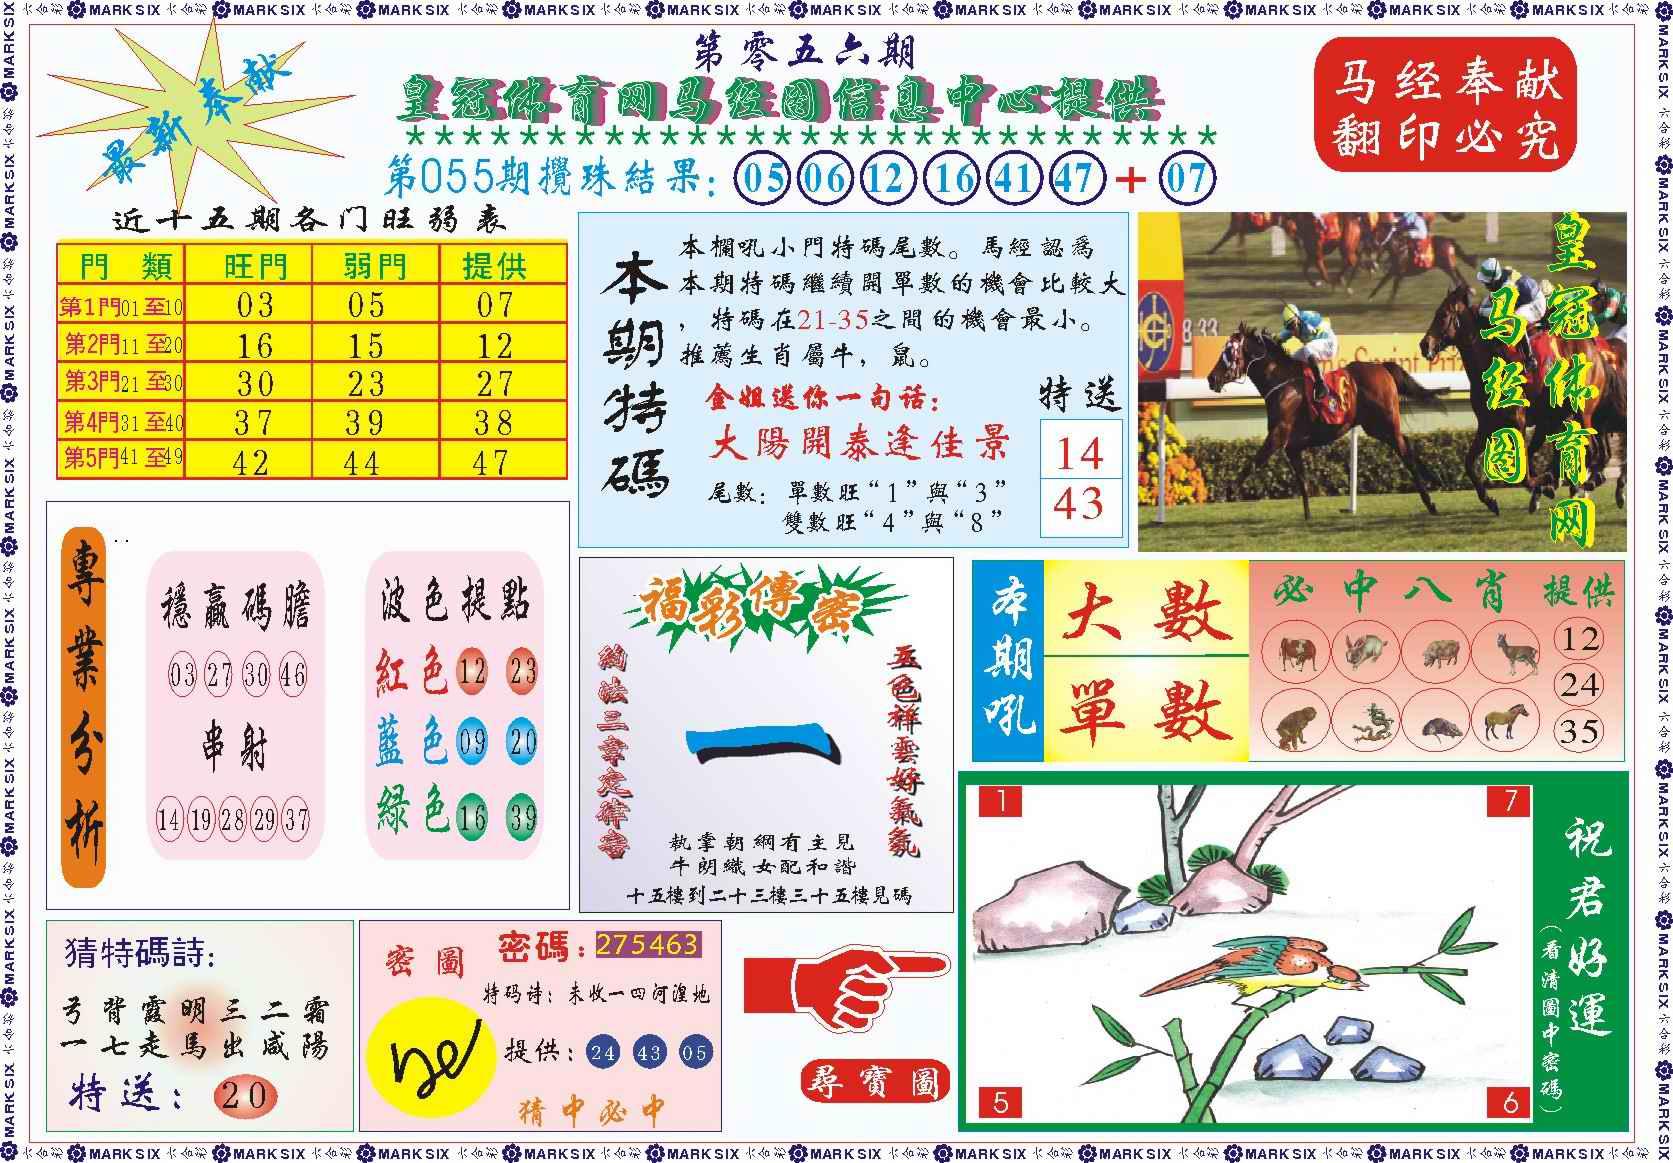 056期皇冠体育网马经图记录